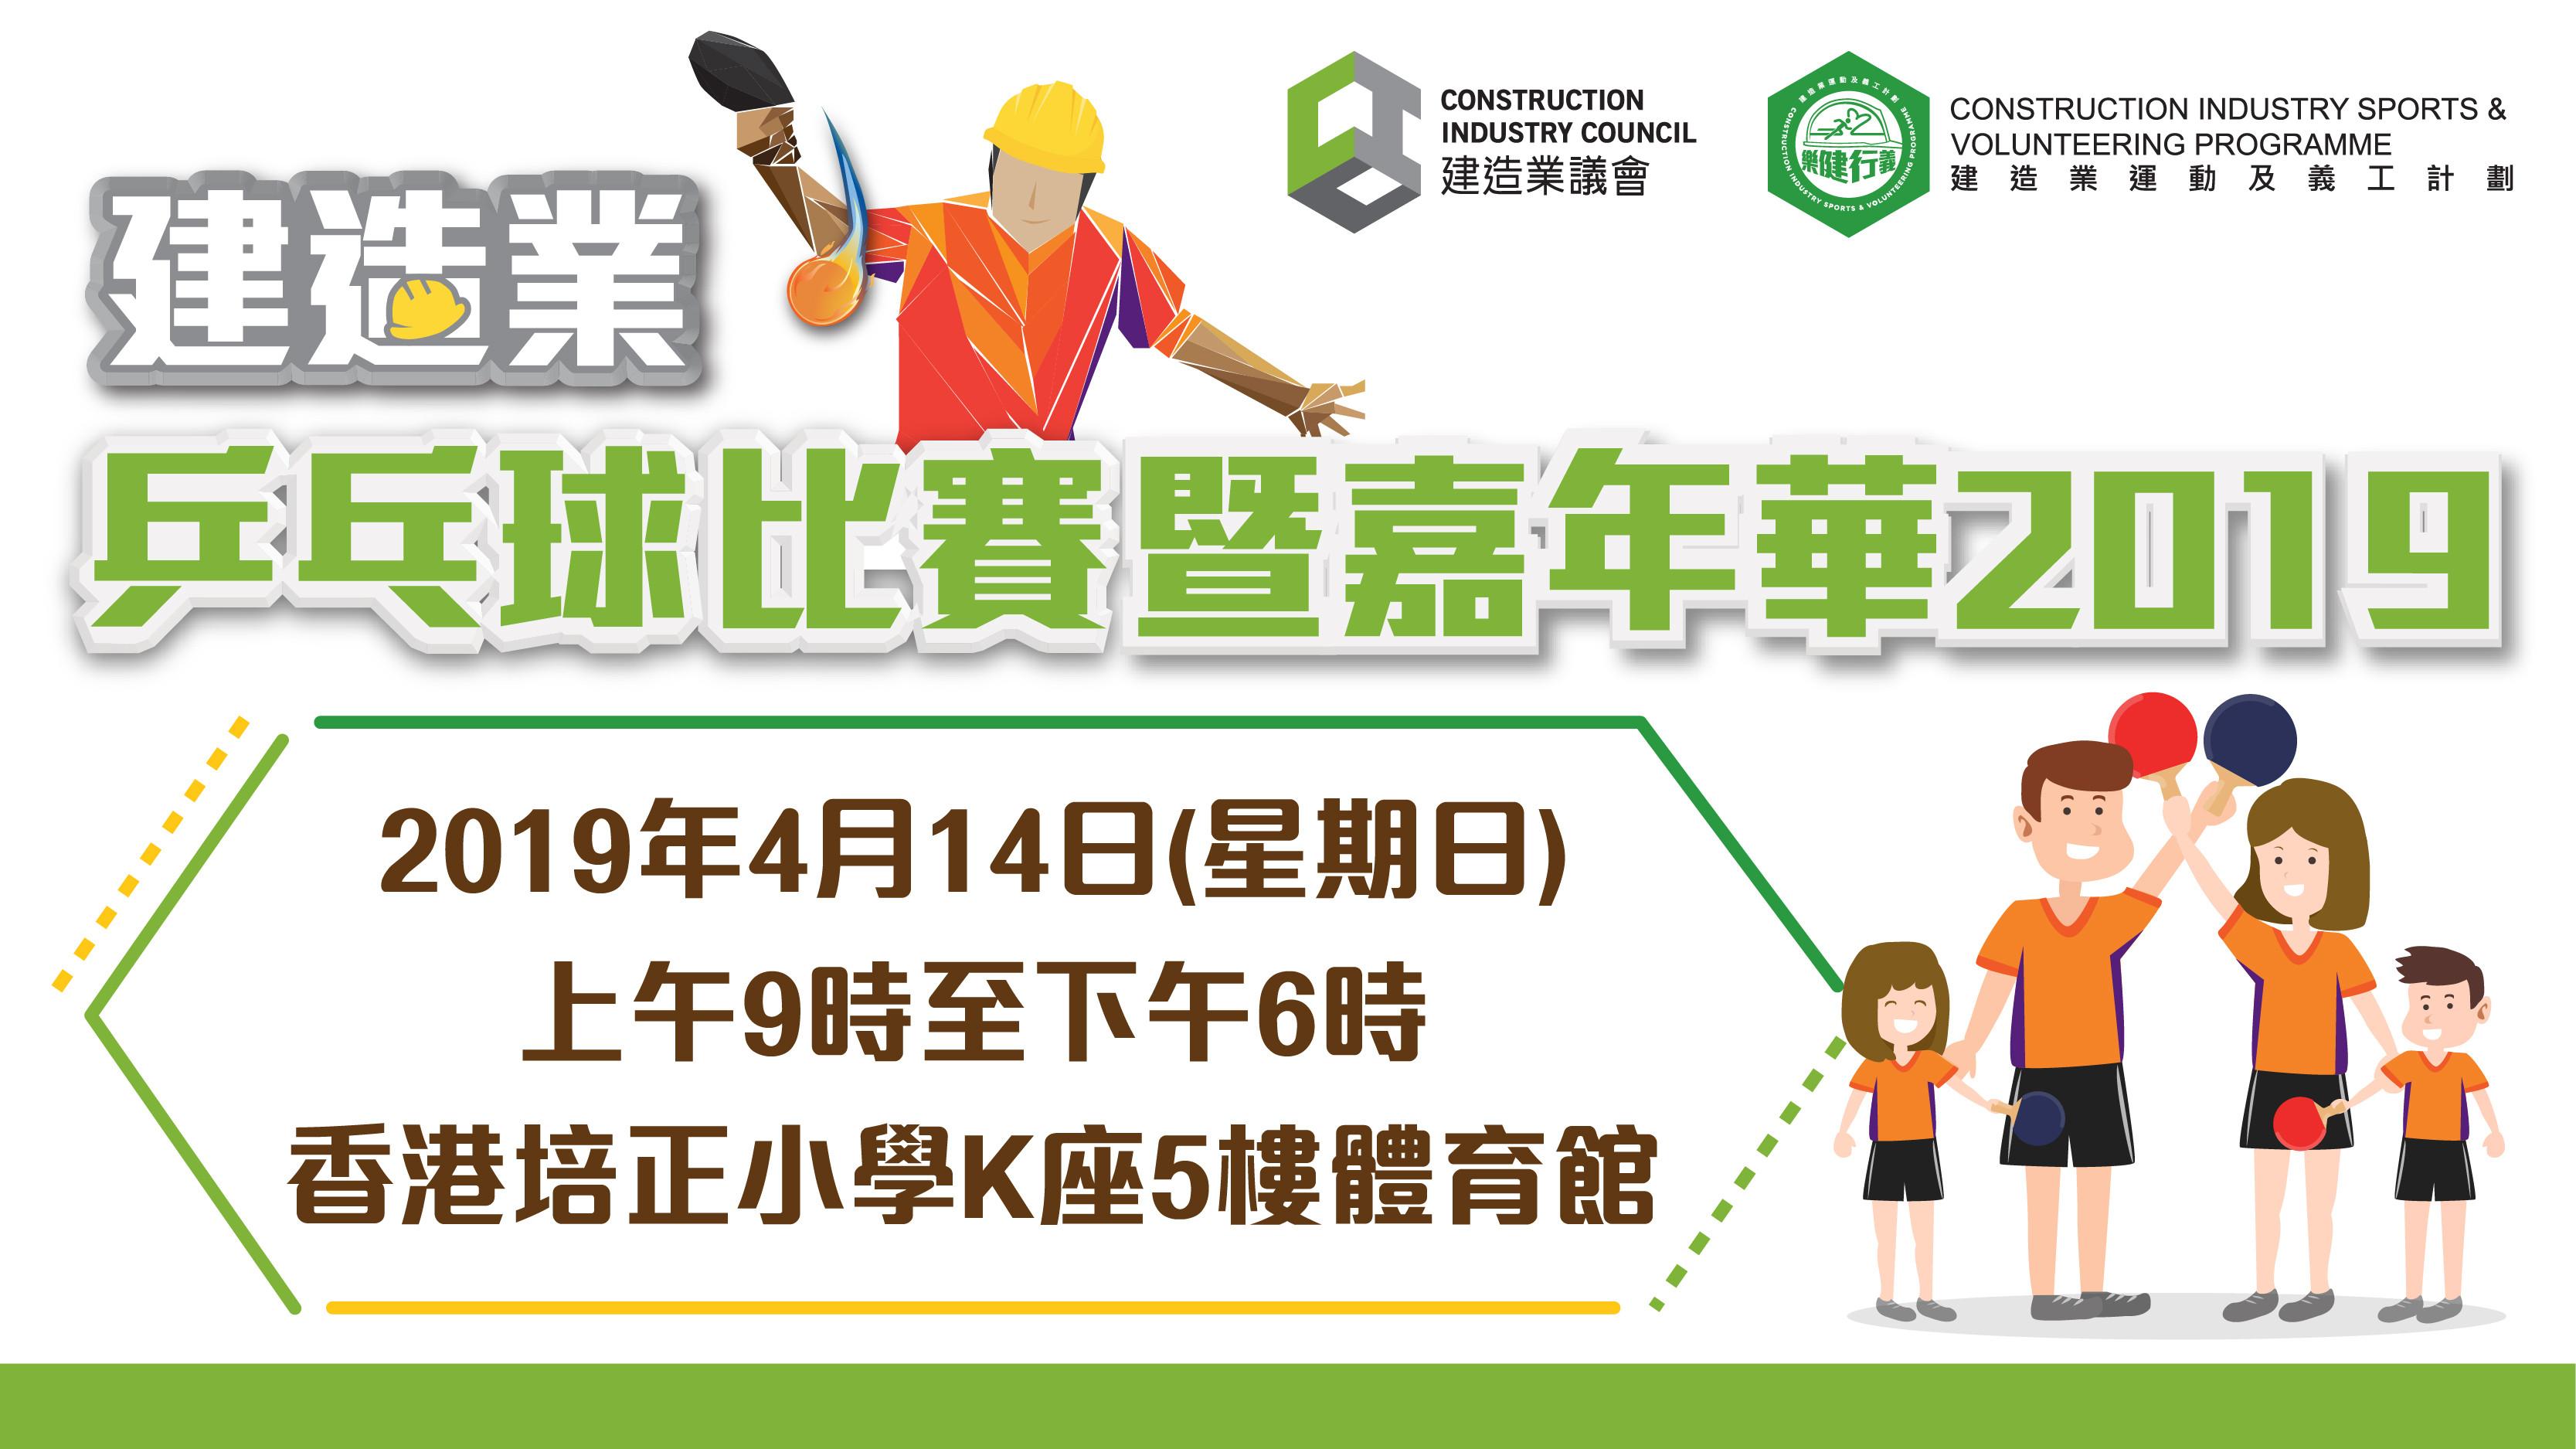 [運動] 建造業乒乓球比賽暨嘉年華2019